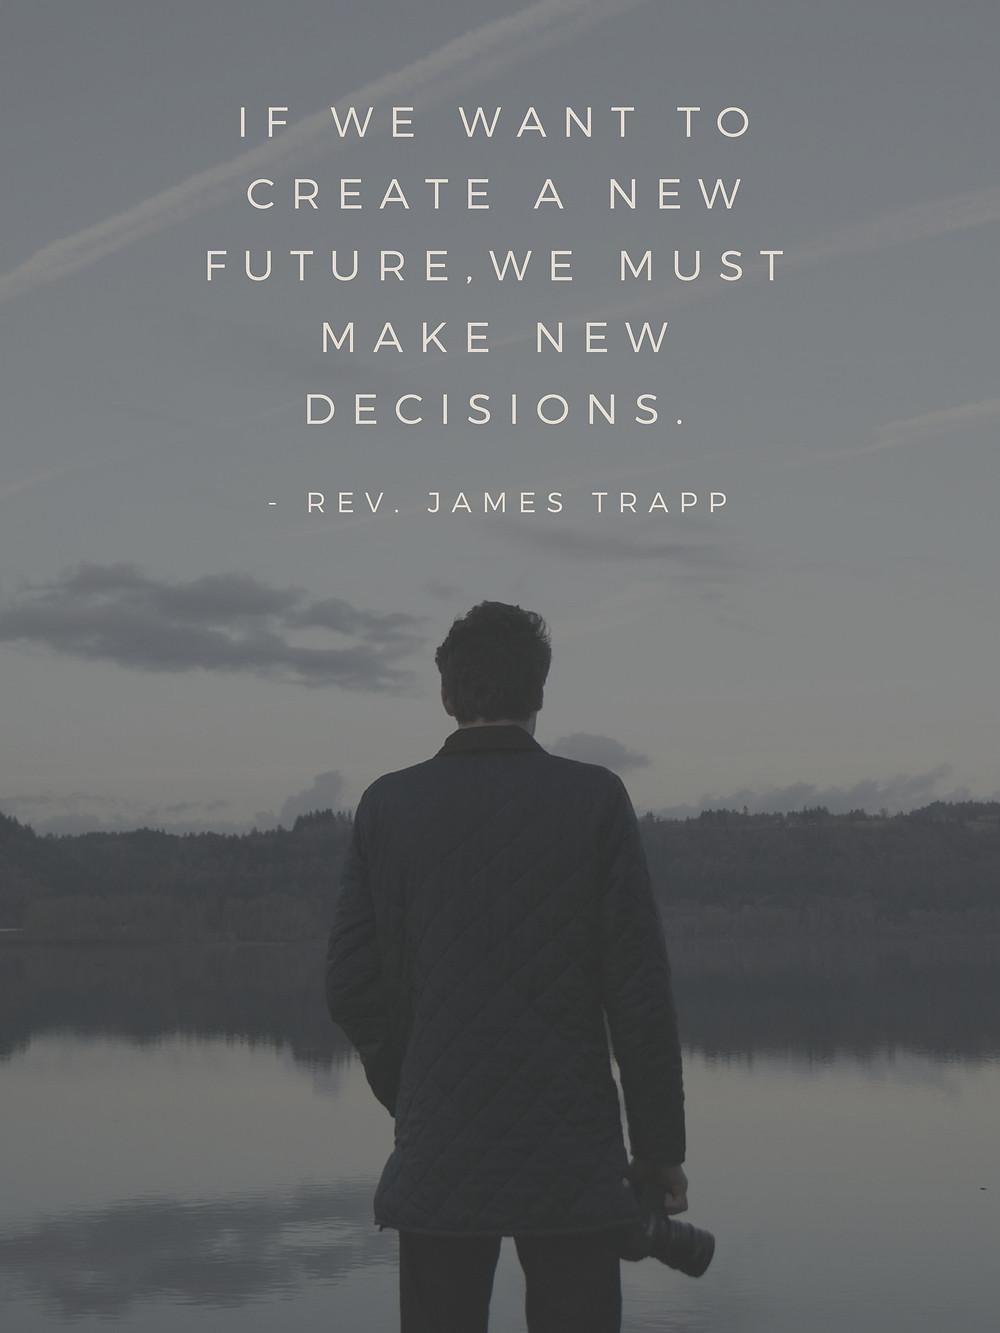 Create new future - Rev. James Trapp